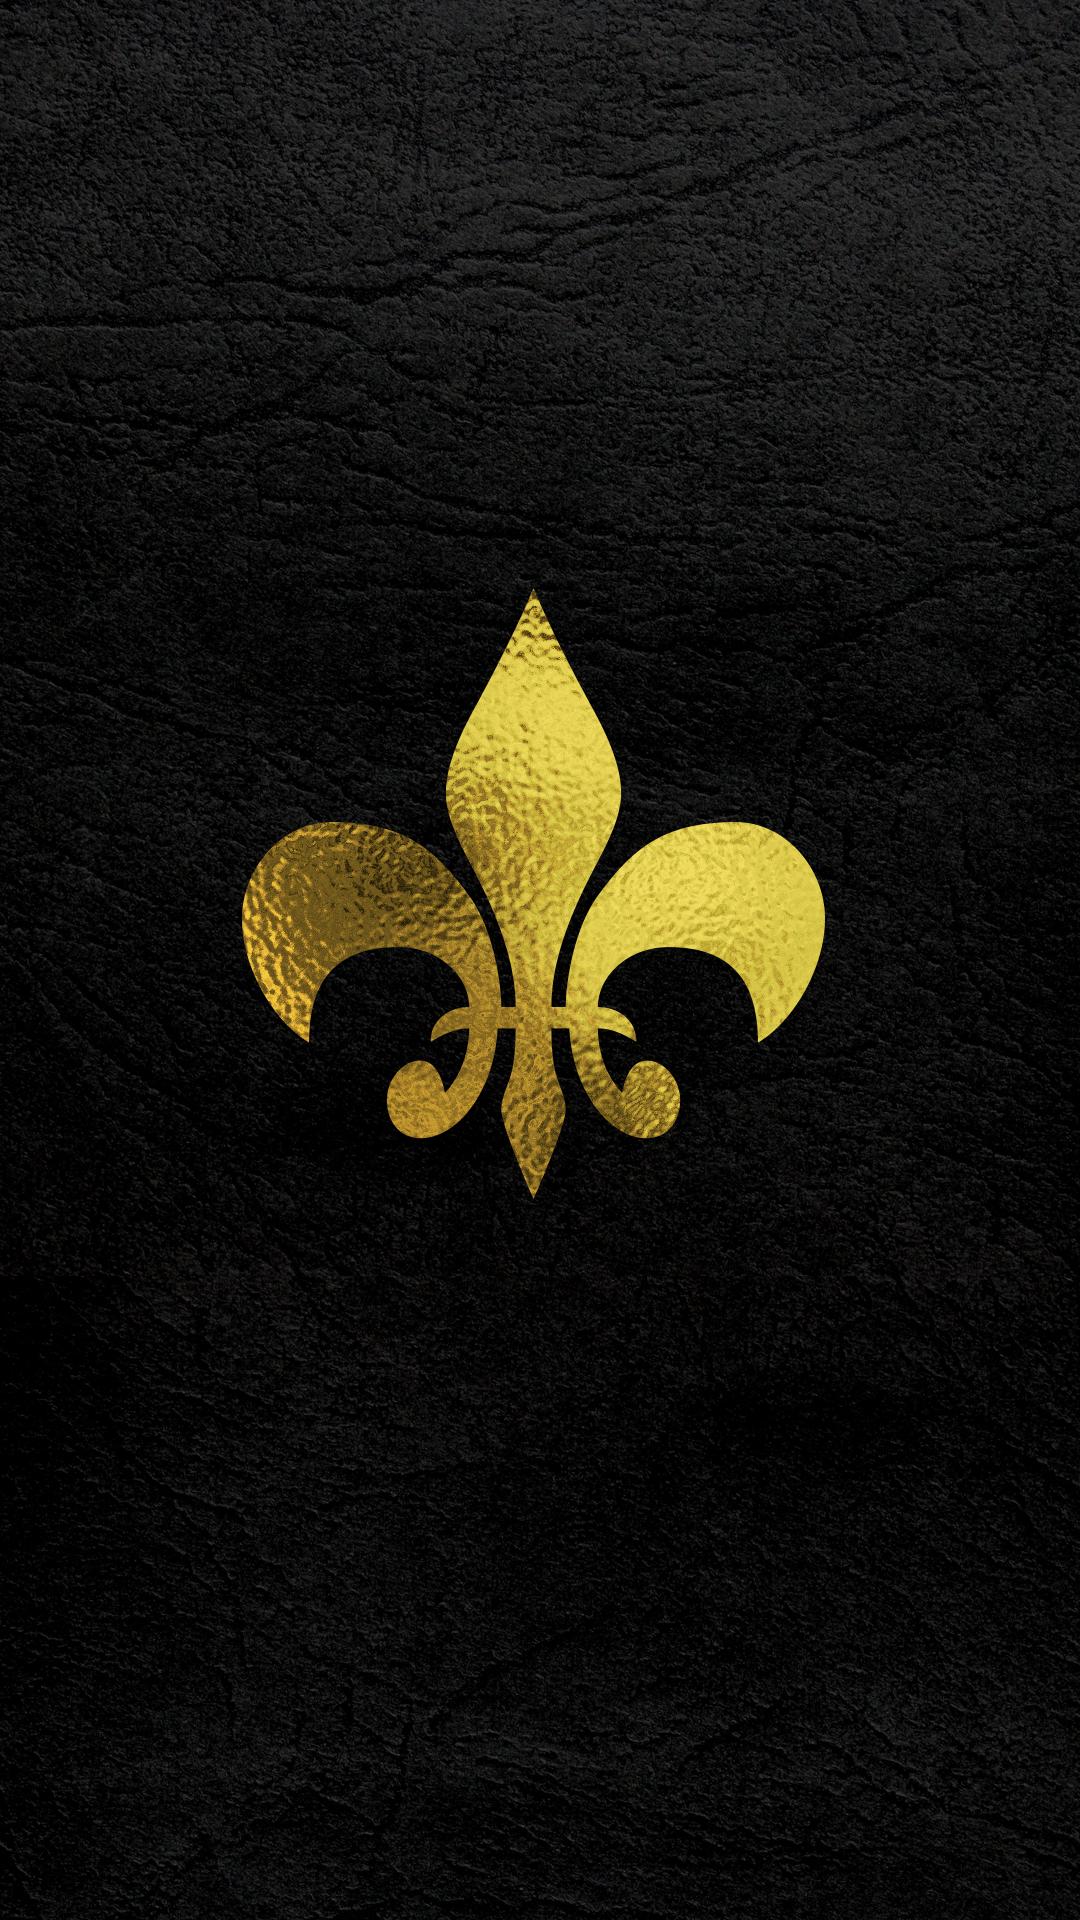 New Orleans Saints Iphone Wallpaper Fleur De Lis Wallpapers Wallpaper Cave